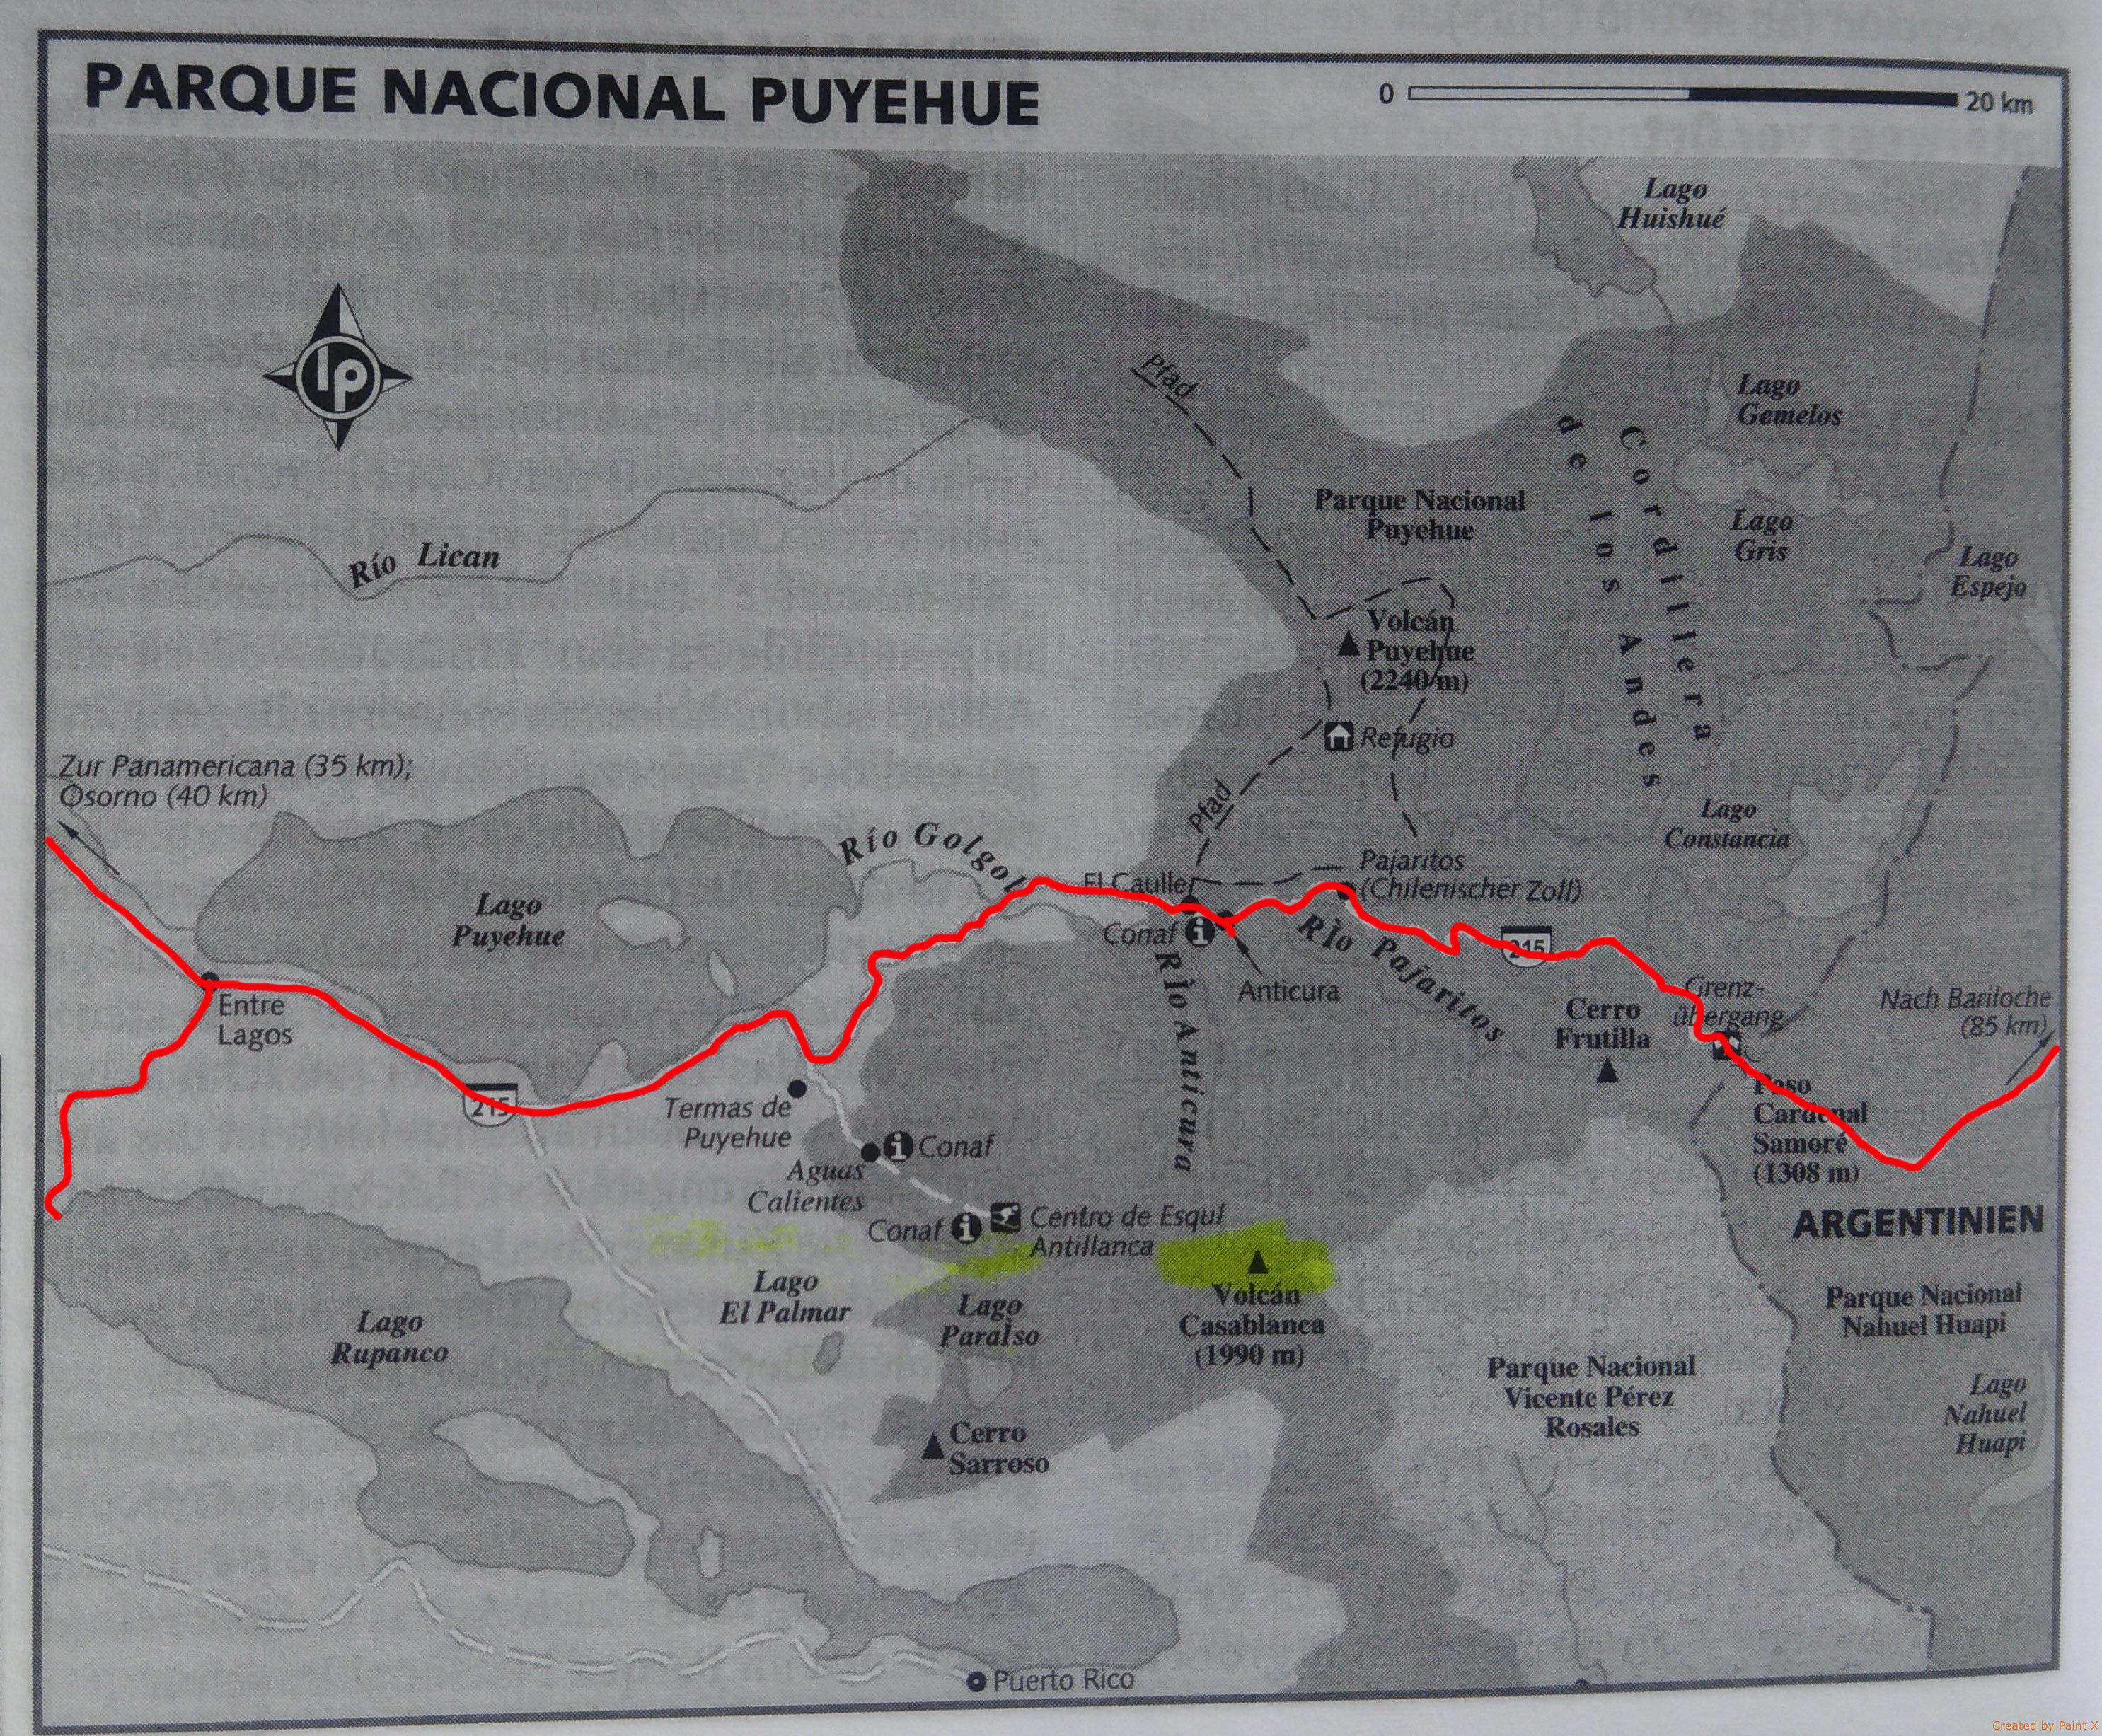 0501 Route PN Puyehuejpg